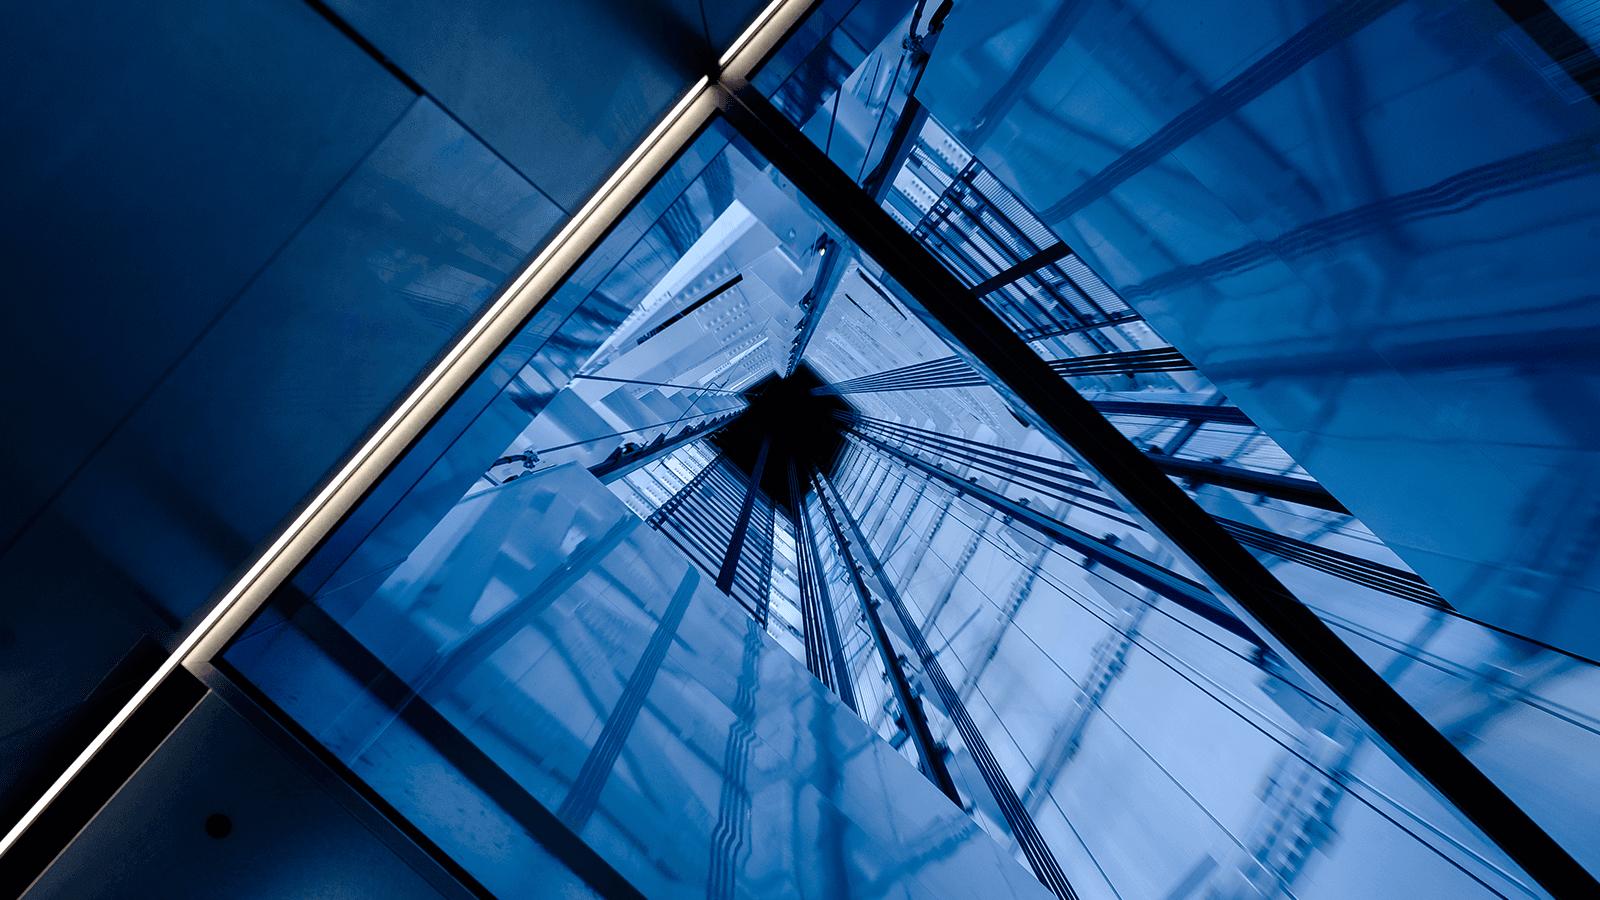 la tromba dell'ascensore